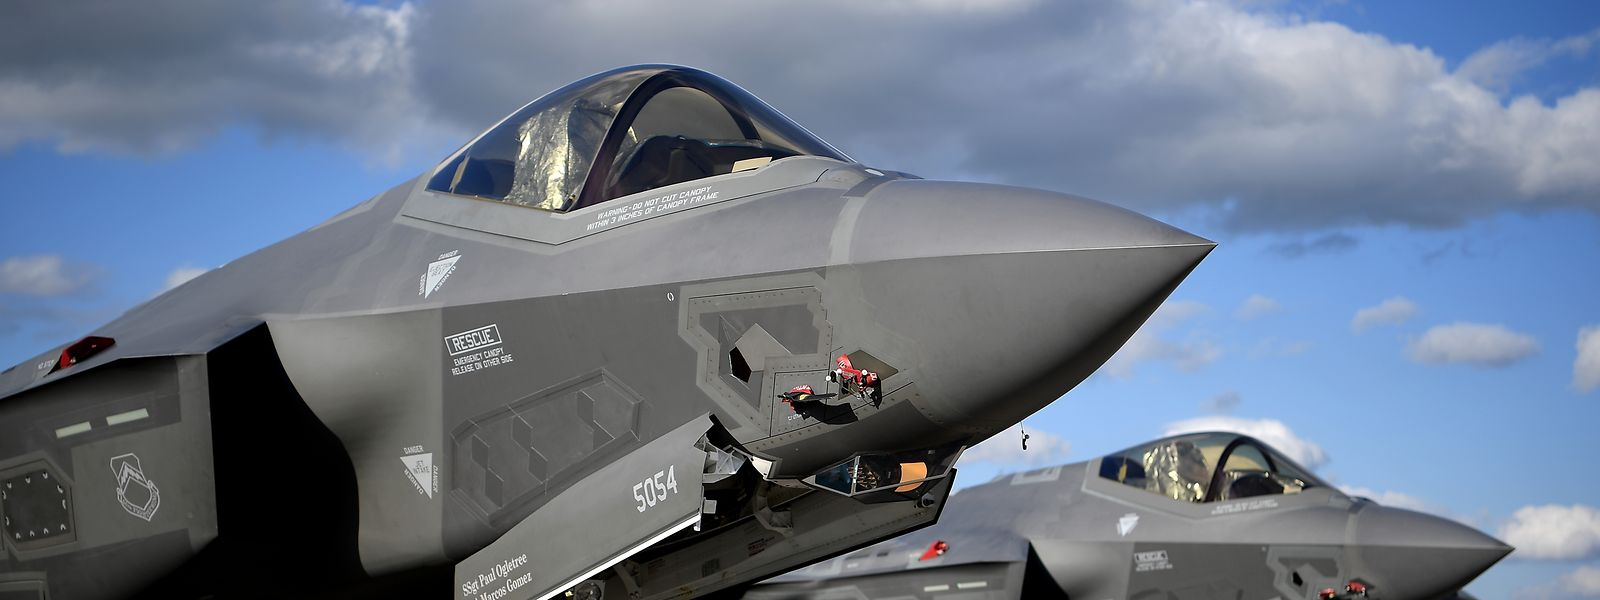 Die neuen  F-35 Kampfjets von Lockheed Martin kostet rund 90 Millionen US-Dollar pro Stück.